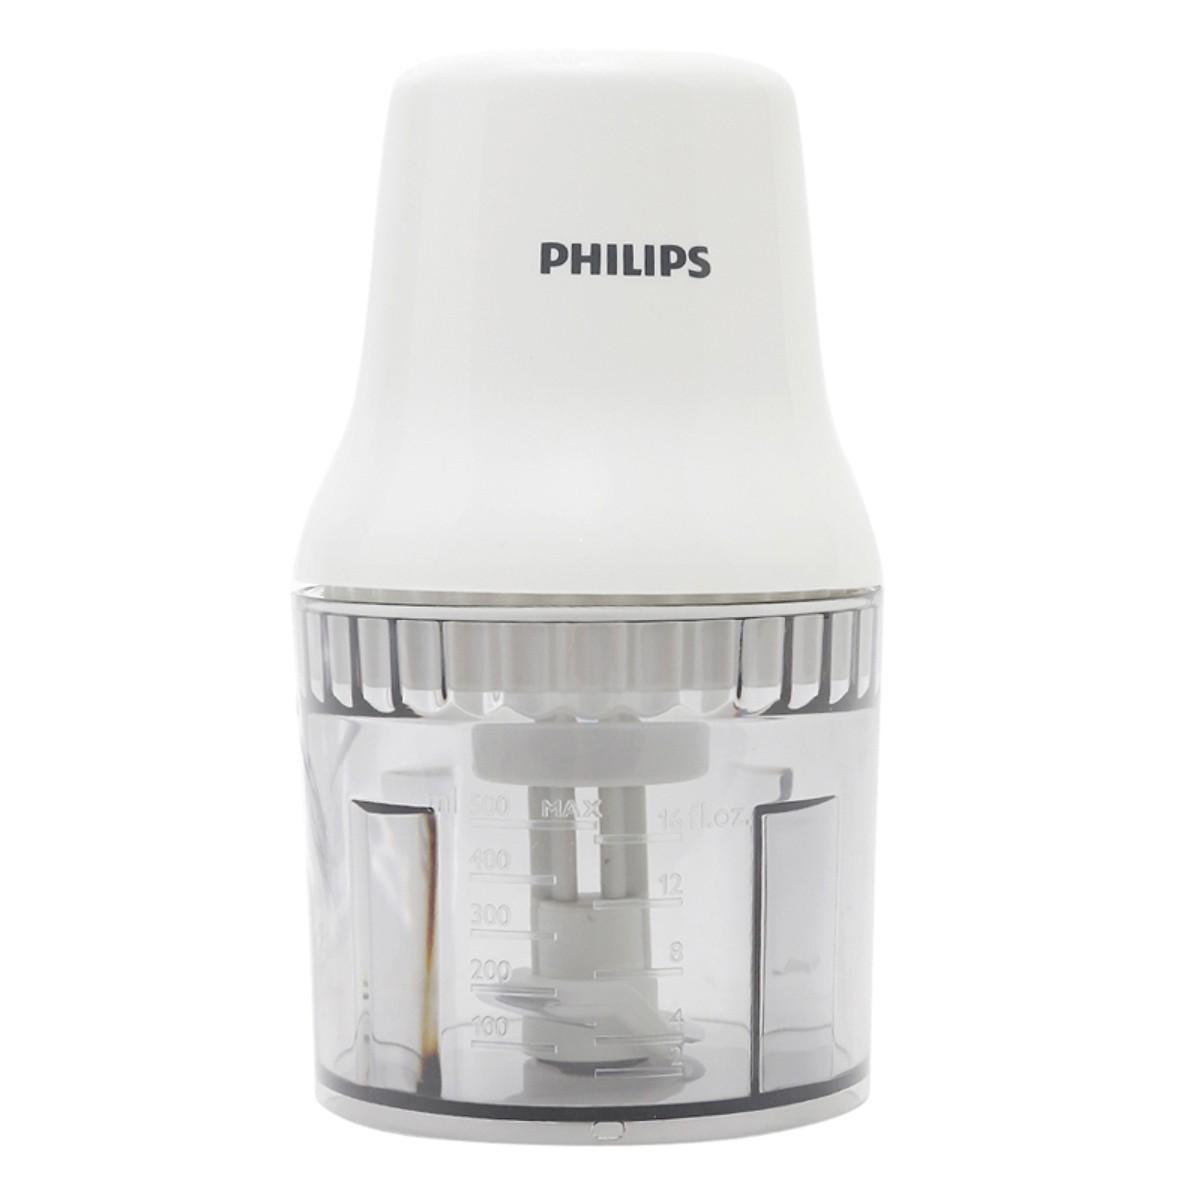 Máy Xay Thịt Philips HR1393 - Hàng chính hãng